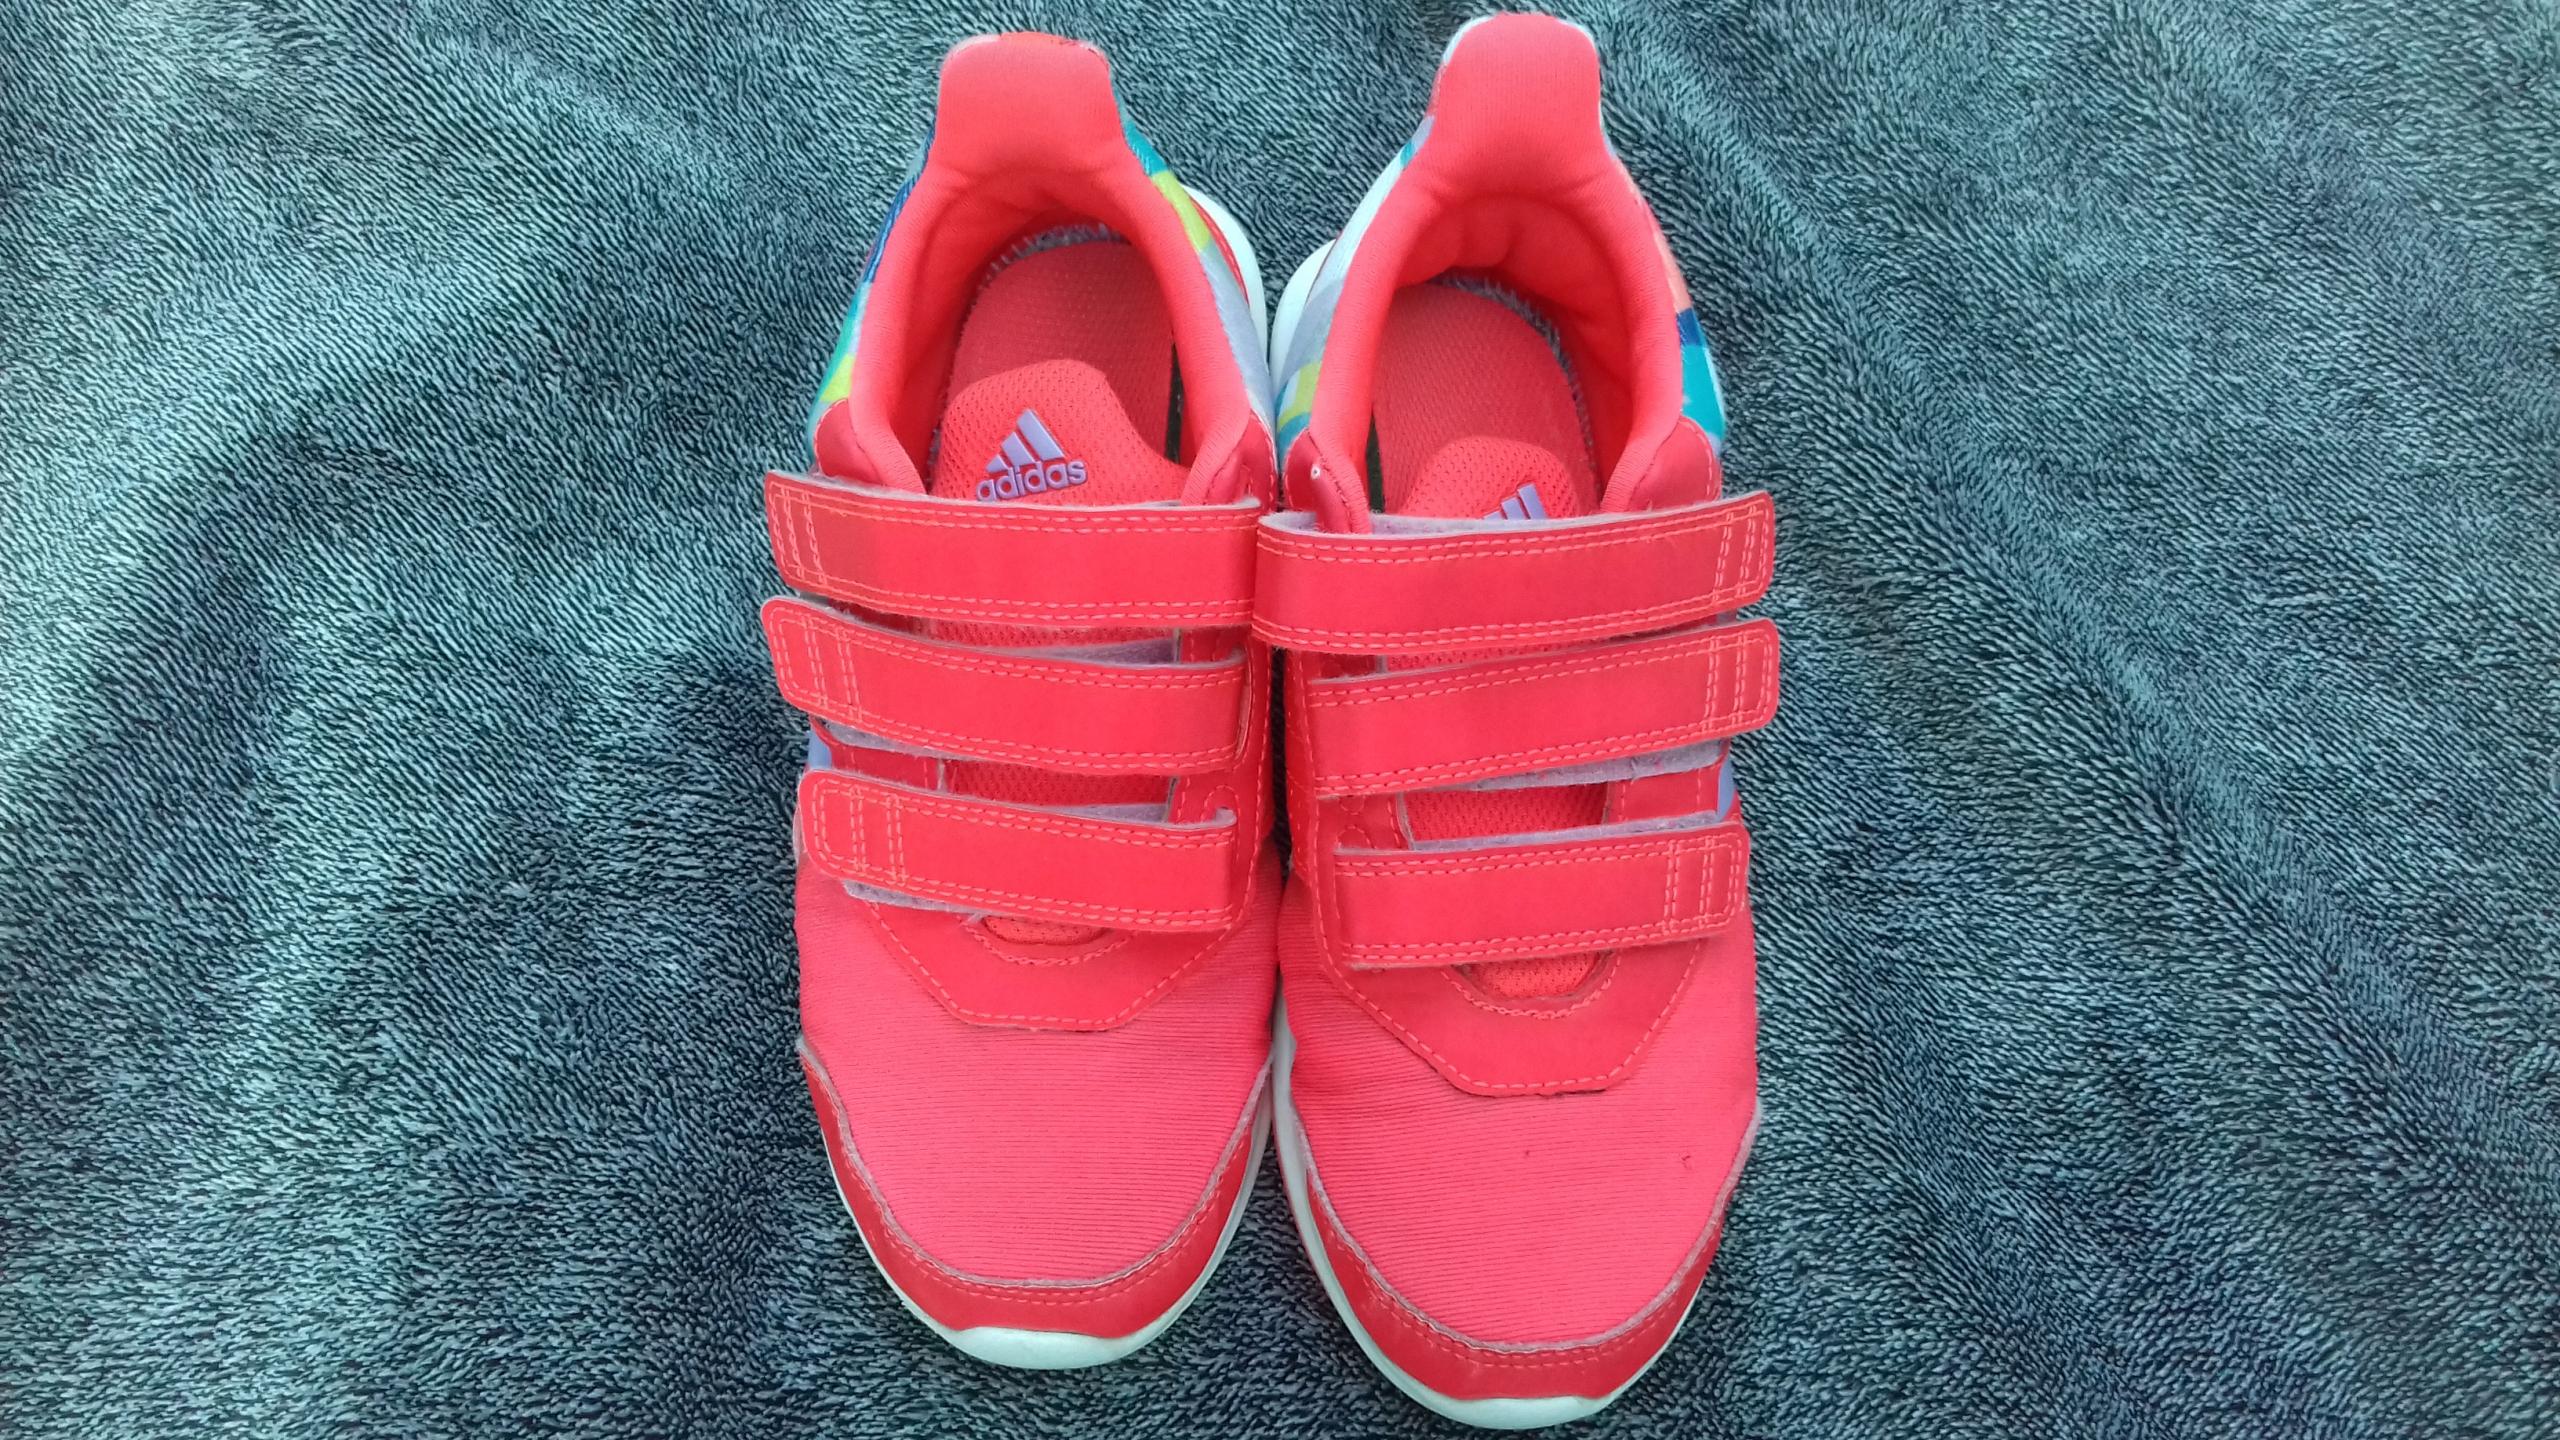 buty ADIDAS dziewczynka dla córki r.32 dł. wkł. 20